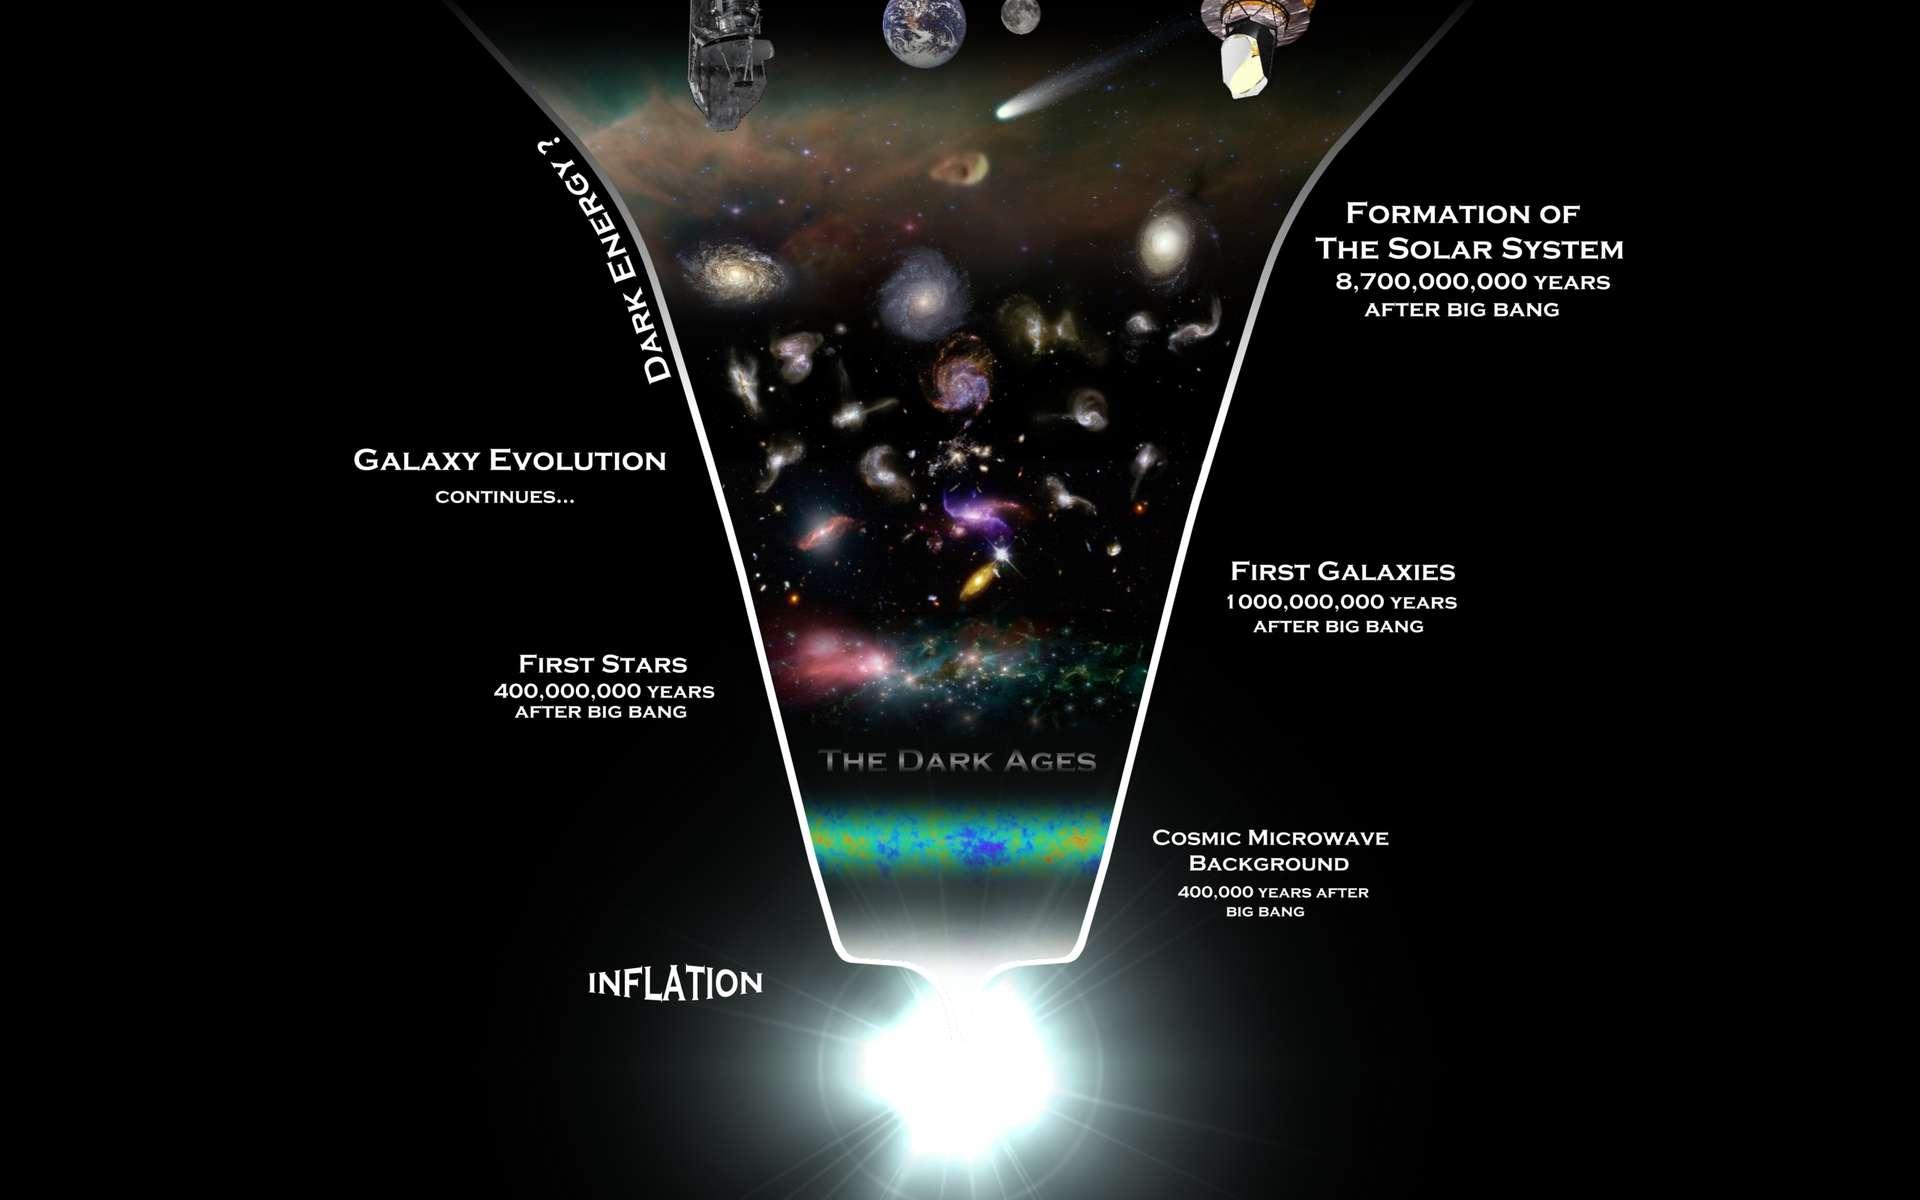 Une chronologie de l'univers observable, du Big Bang aux sondes Planck et Herschel schématisant son passé et son évolution. © Rhys Taylor, Cardiff University